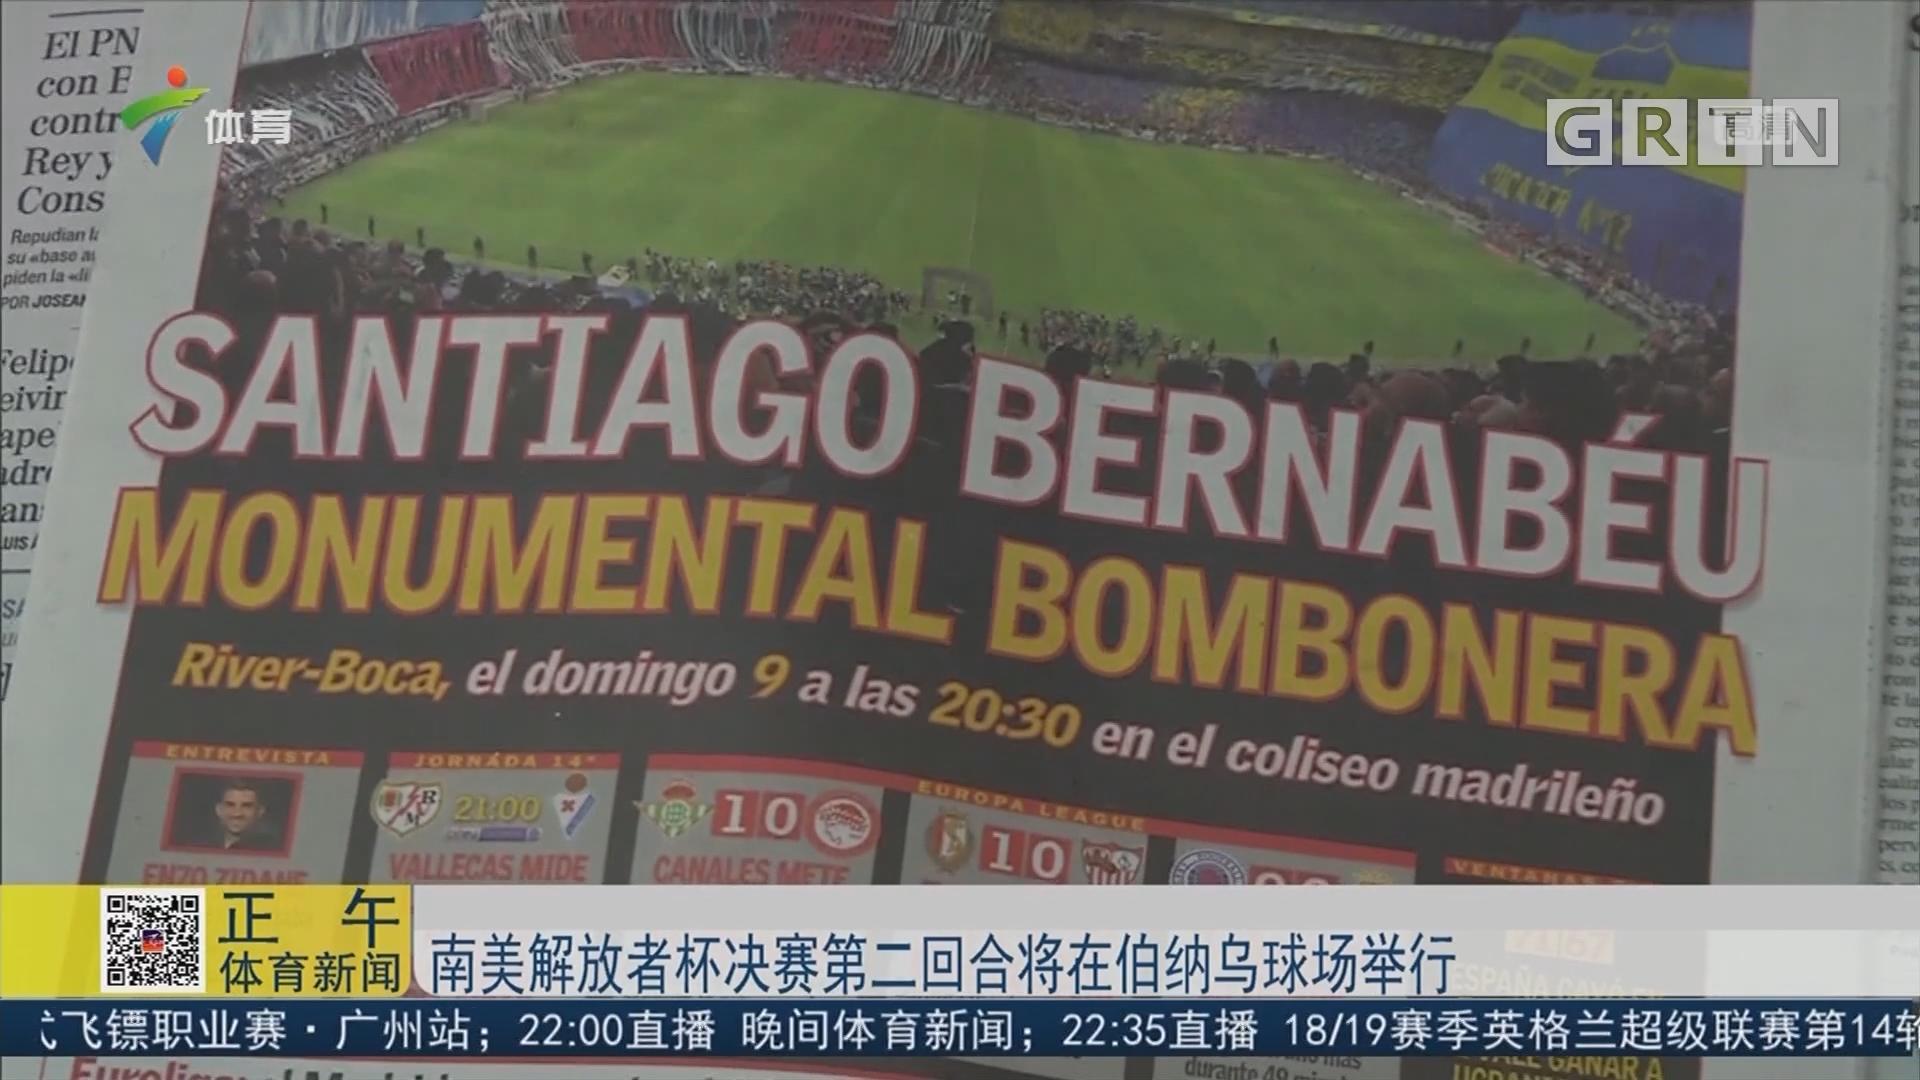 南美解放者杯决赛第二回合将在伯纳乌球场举行